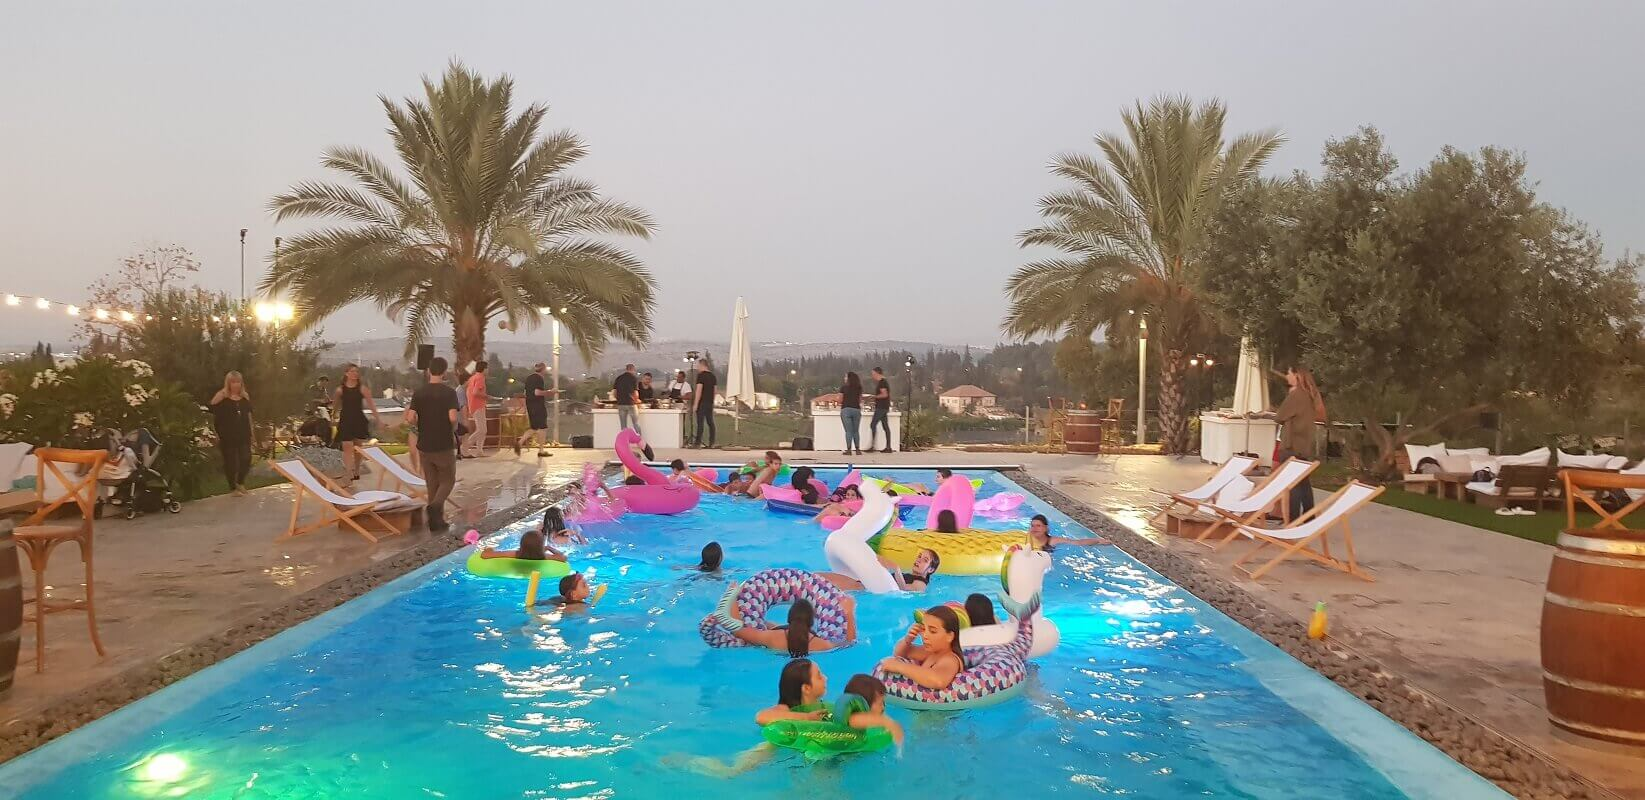 חגיגת בת מצווה בטבע בבריכה